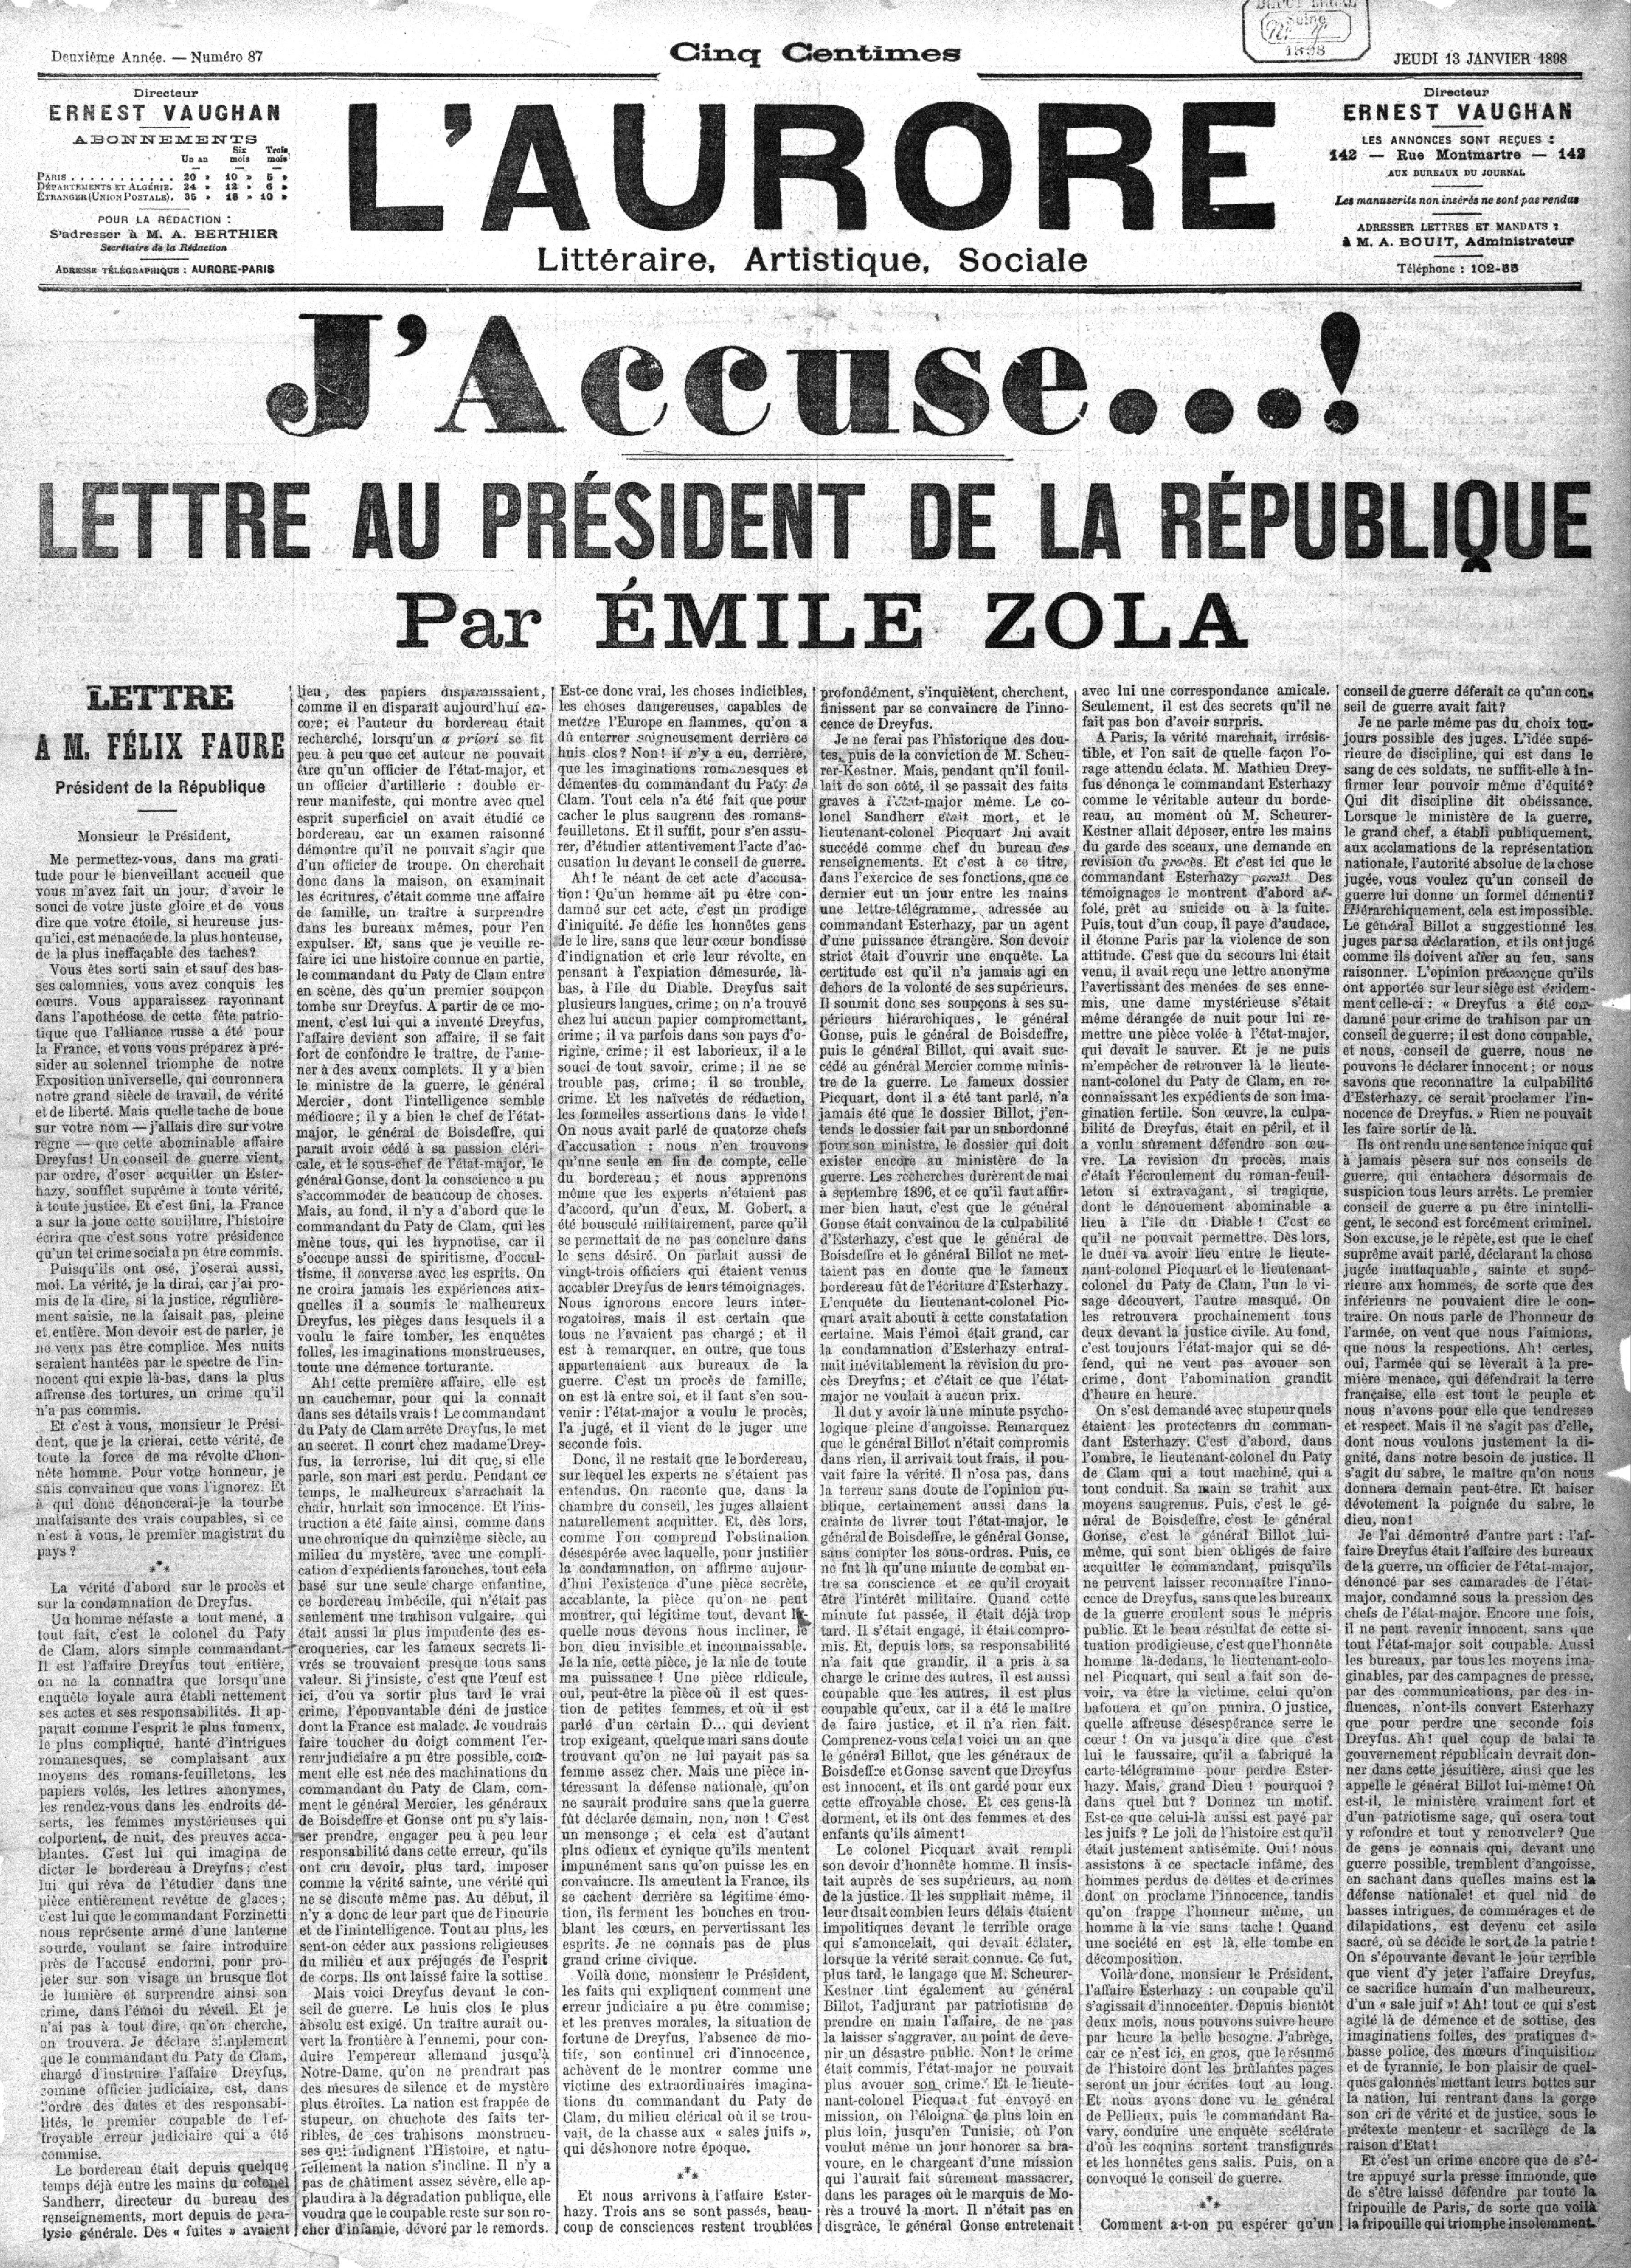 """Première page du journal """"L'Aurore"""" du 13 janvier 1898 titrant """"J'accuse ... !"""" : lettre adressée par Emile Zola au Président de la République dans le cadre de l'affaire Dreyfus pour prendre la défense de l'accusé"""